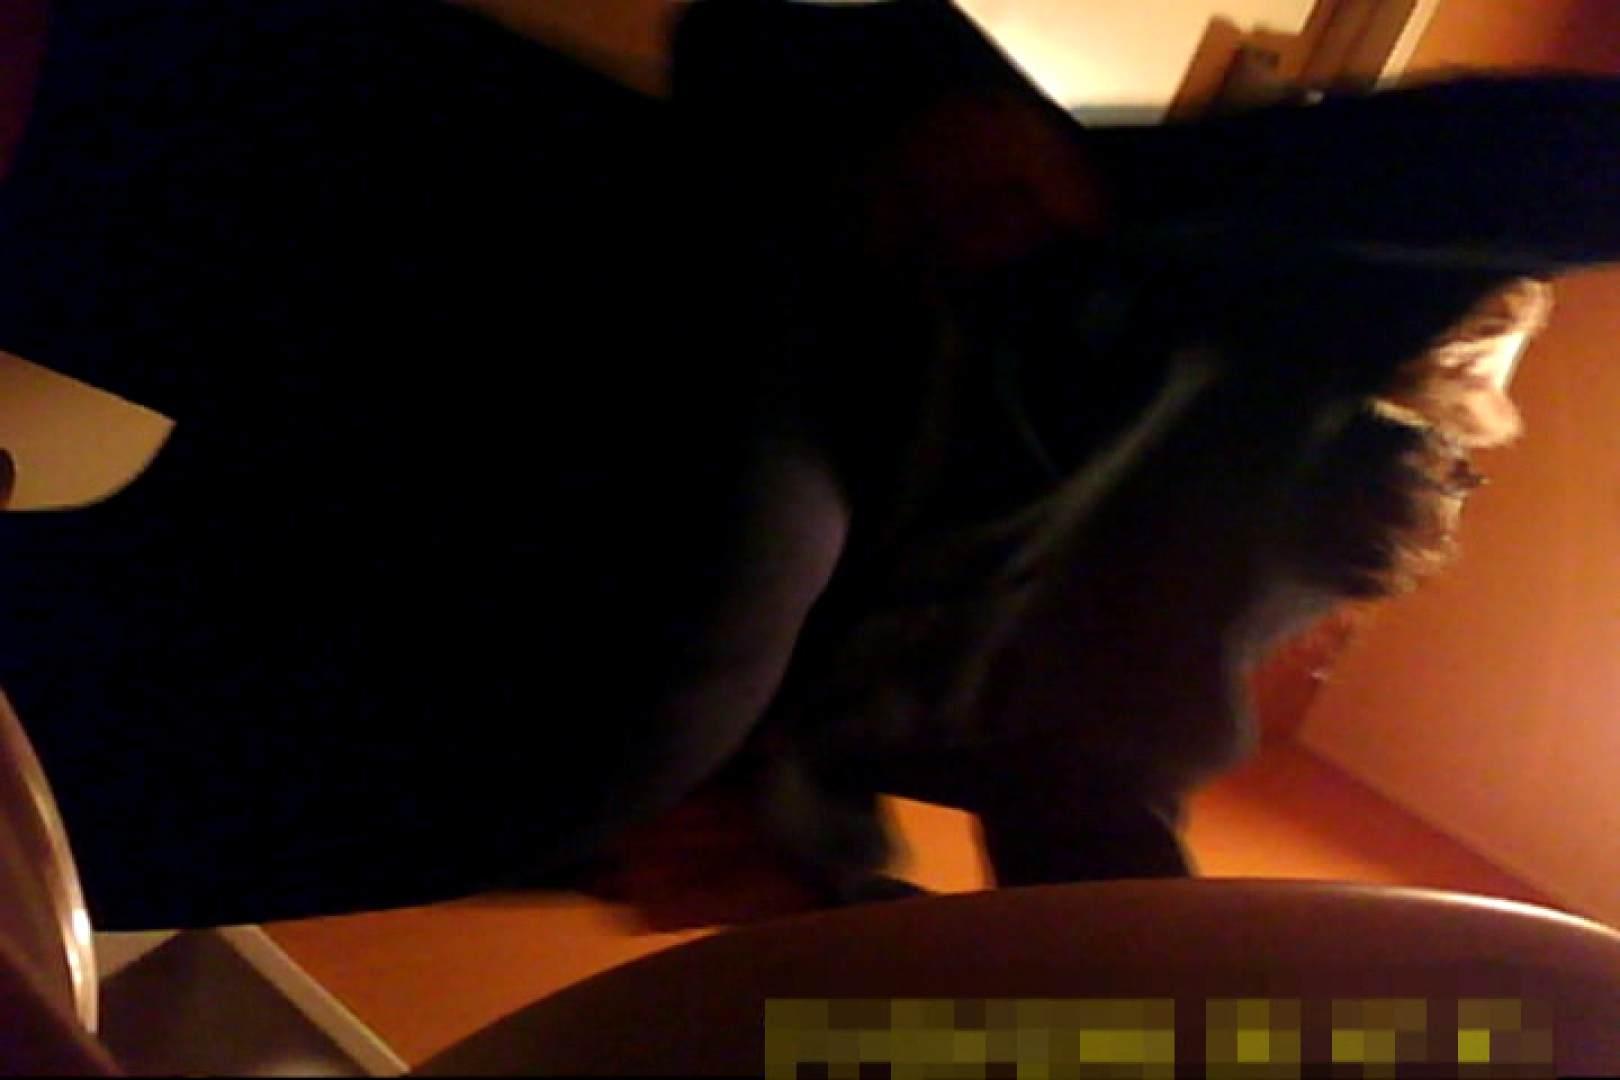 魅惑の化粧室~禁断のプライベート空間~17 お姉さん丸裸  107pic 80